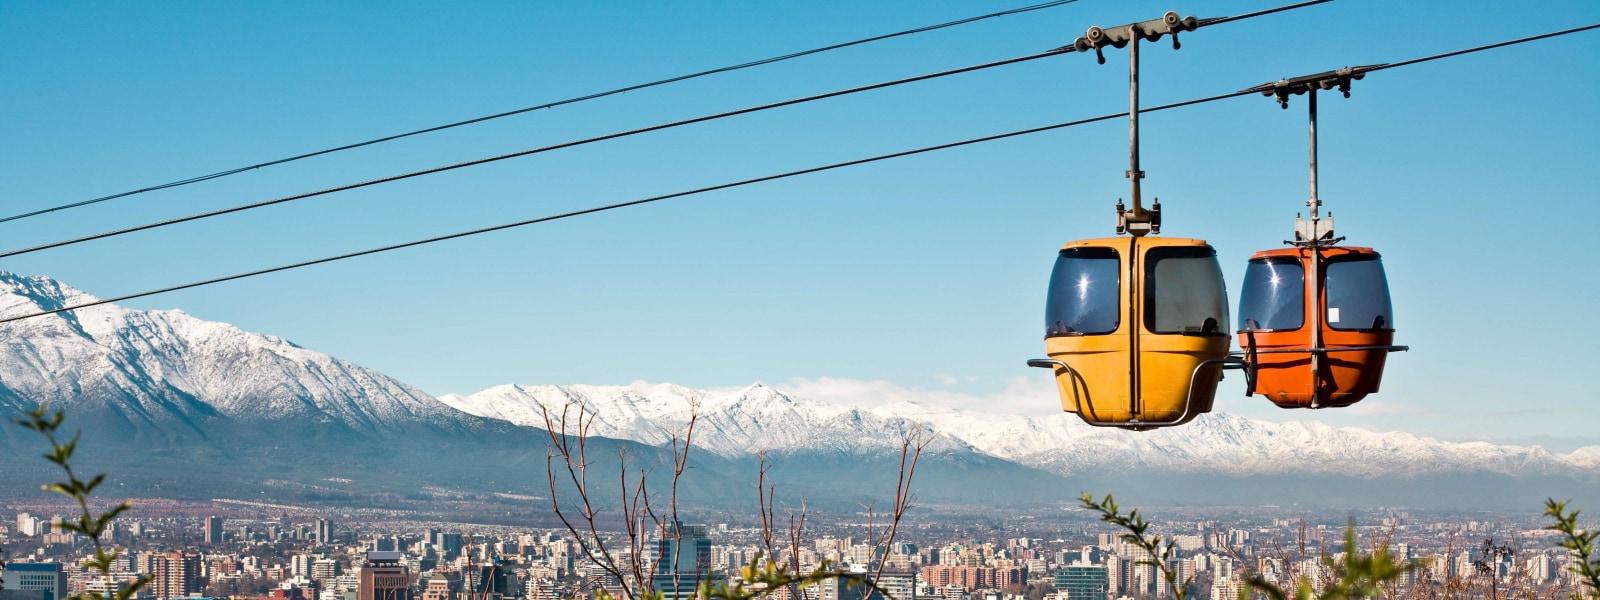 Santiago-Tour-Guide